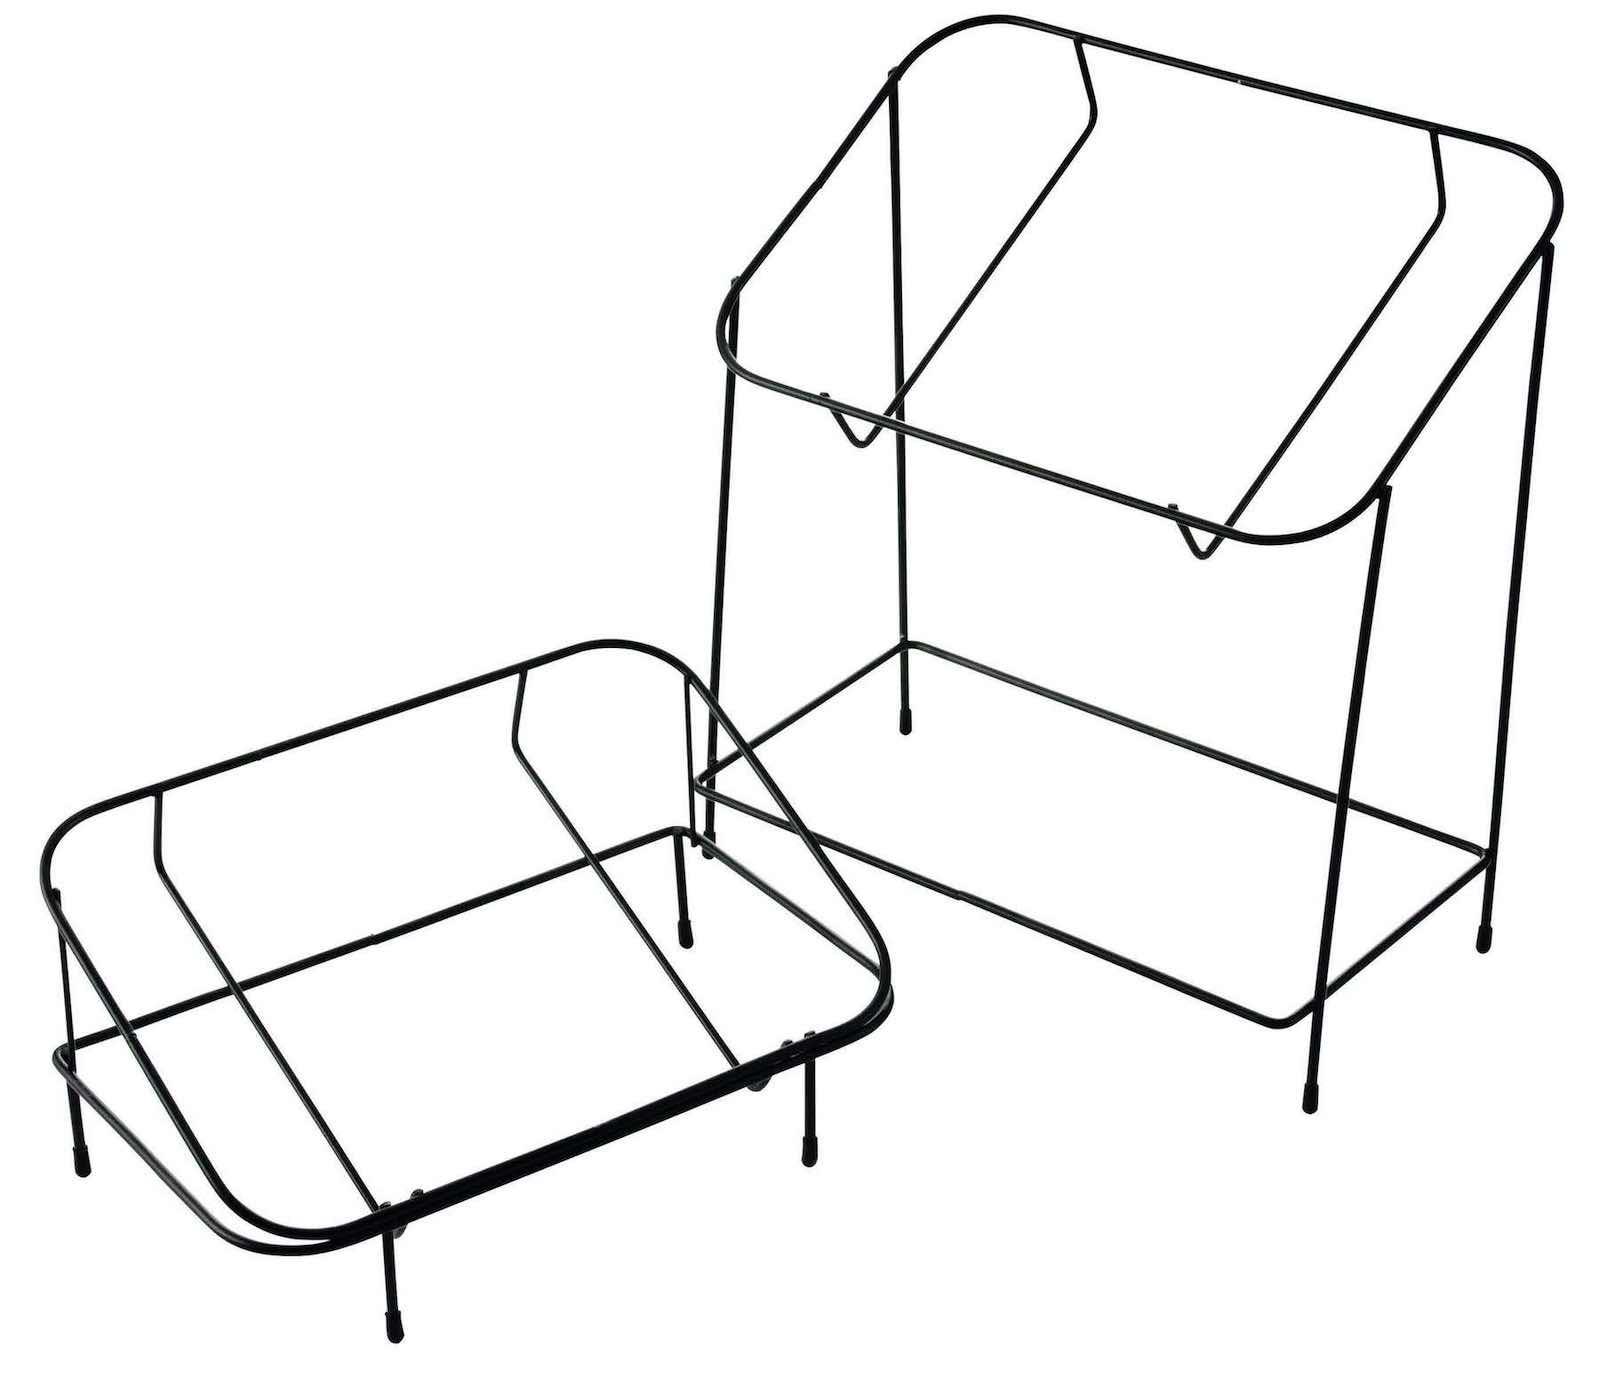 ワイヤースタンド二段傾斜型(ブラック)